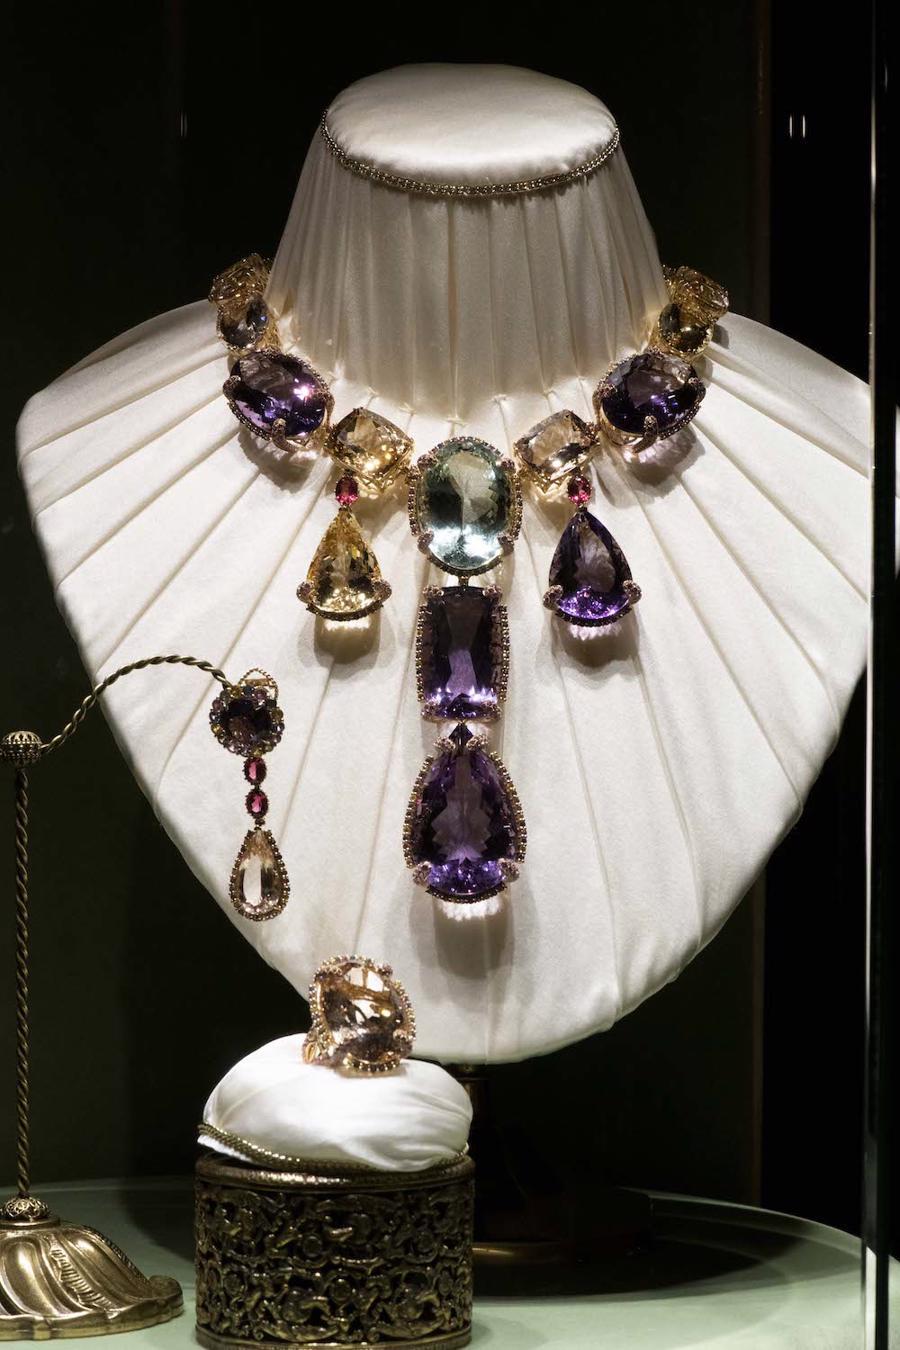 Thế giới chứng kiến những gì sau bữa tiệc xa hoa của Dolce & Gabbana? - Ảnh 1